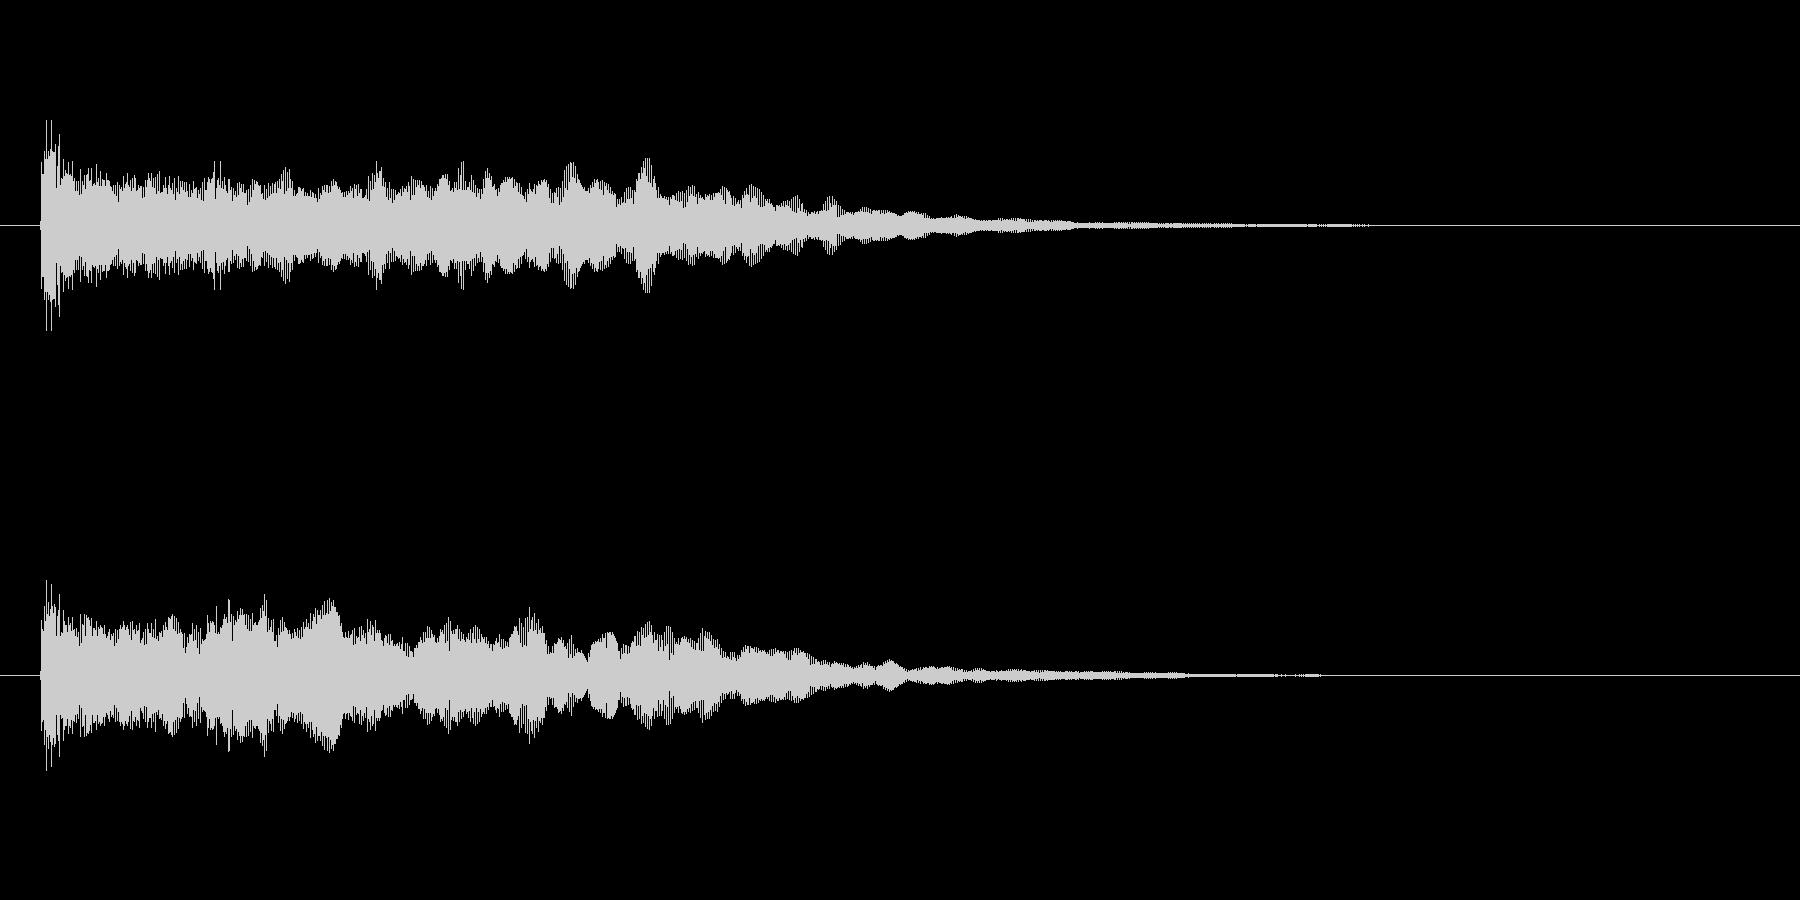 ポーンと反響するアコギとシンセの効果音の未再生の波形